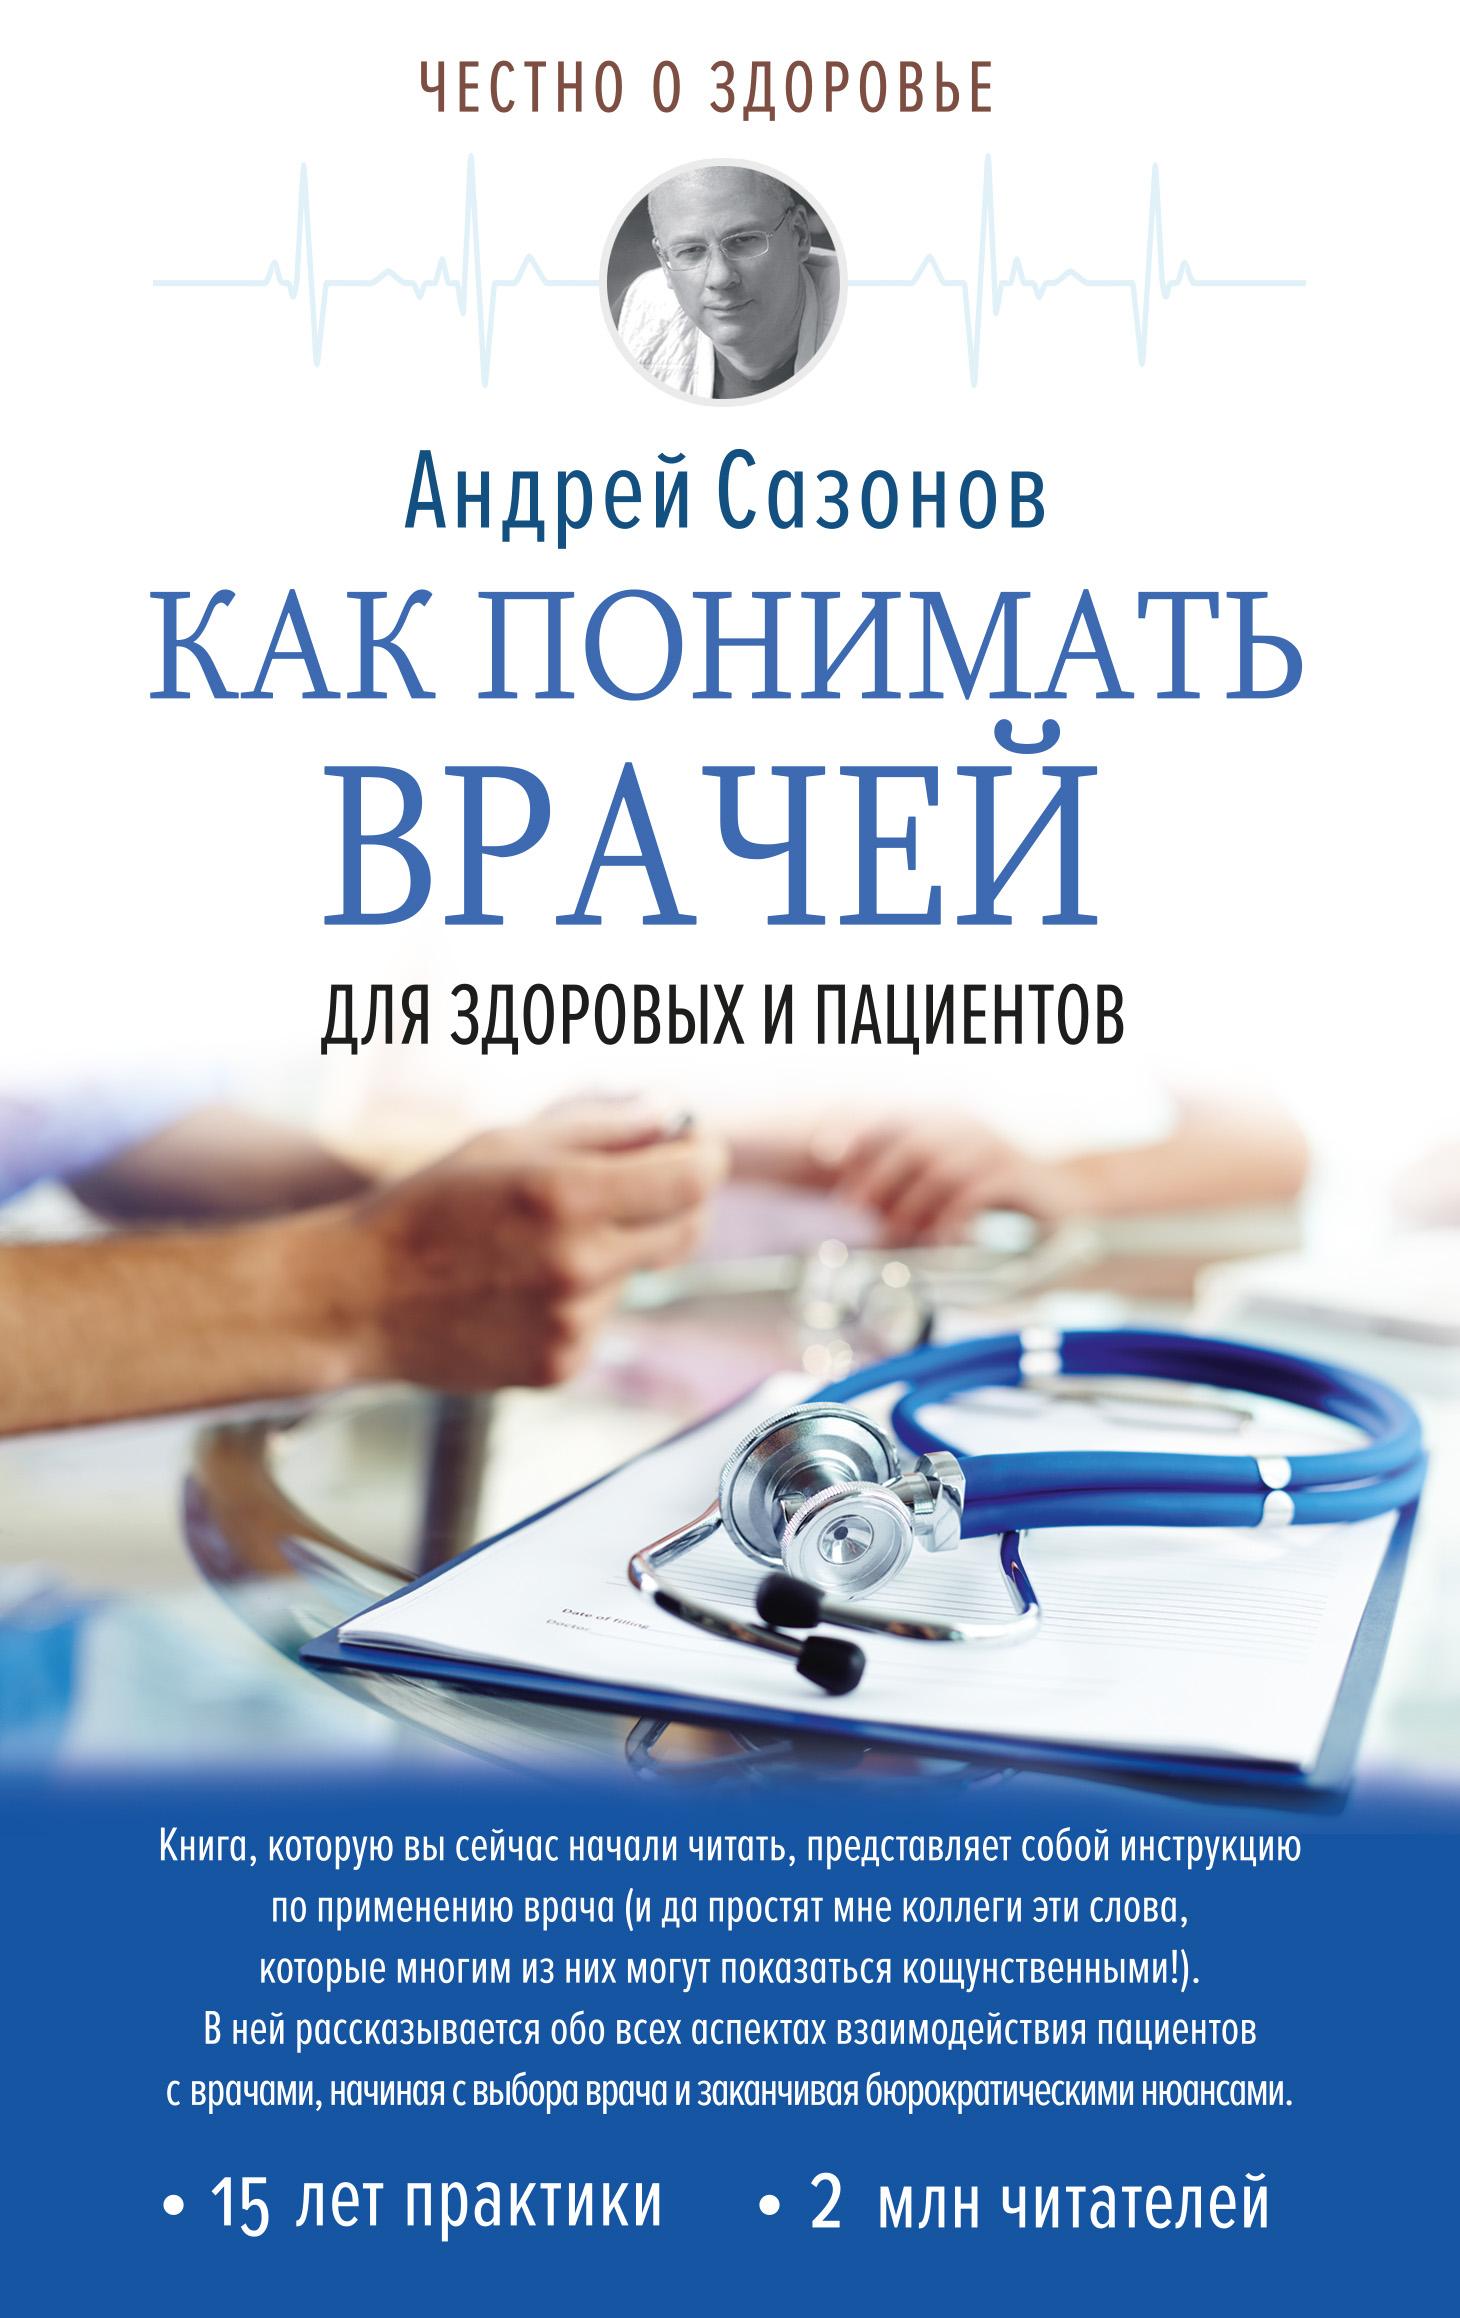 Андрей Сазонов Как понимать врачей. Для здоровых и пациентов сазонов андрей как понимать врачей для здоровых и пациентов